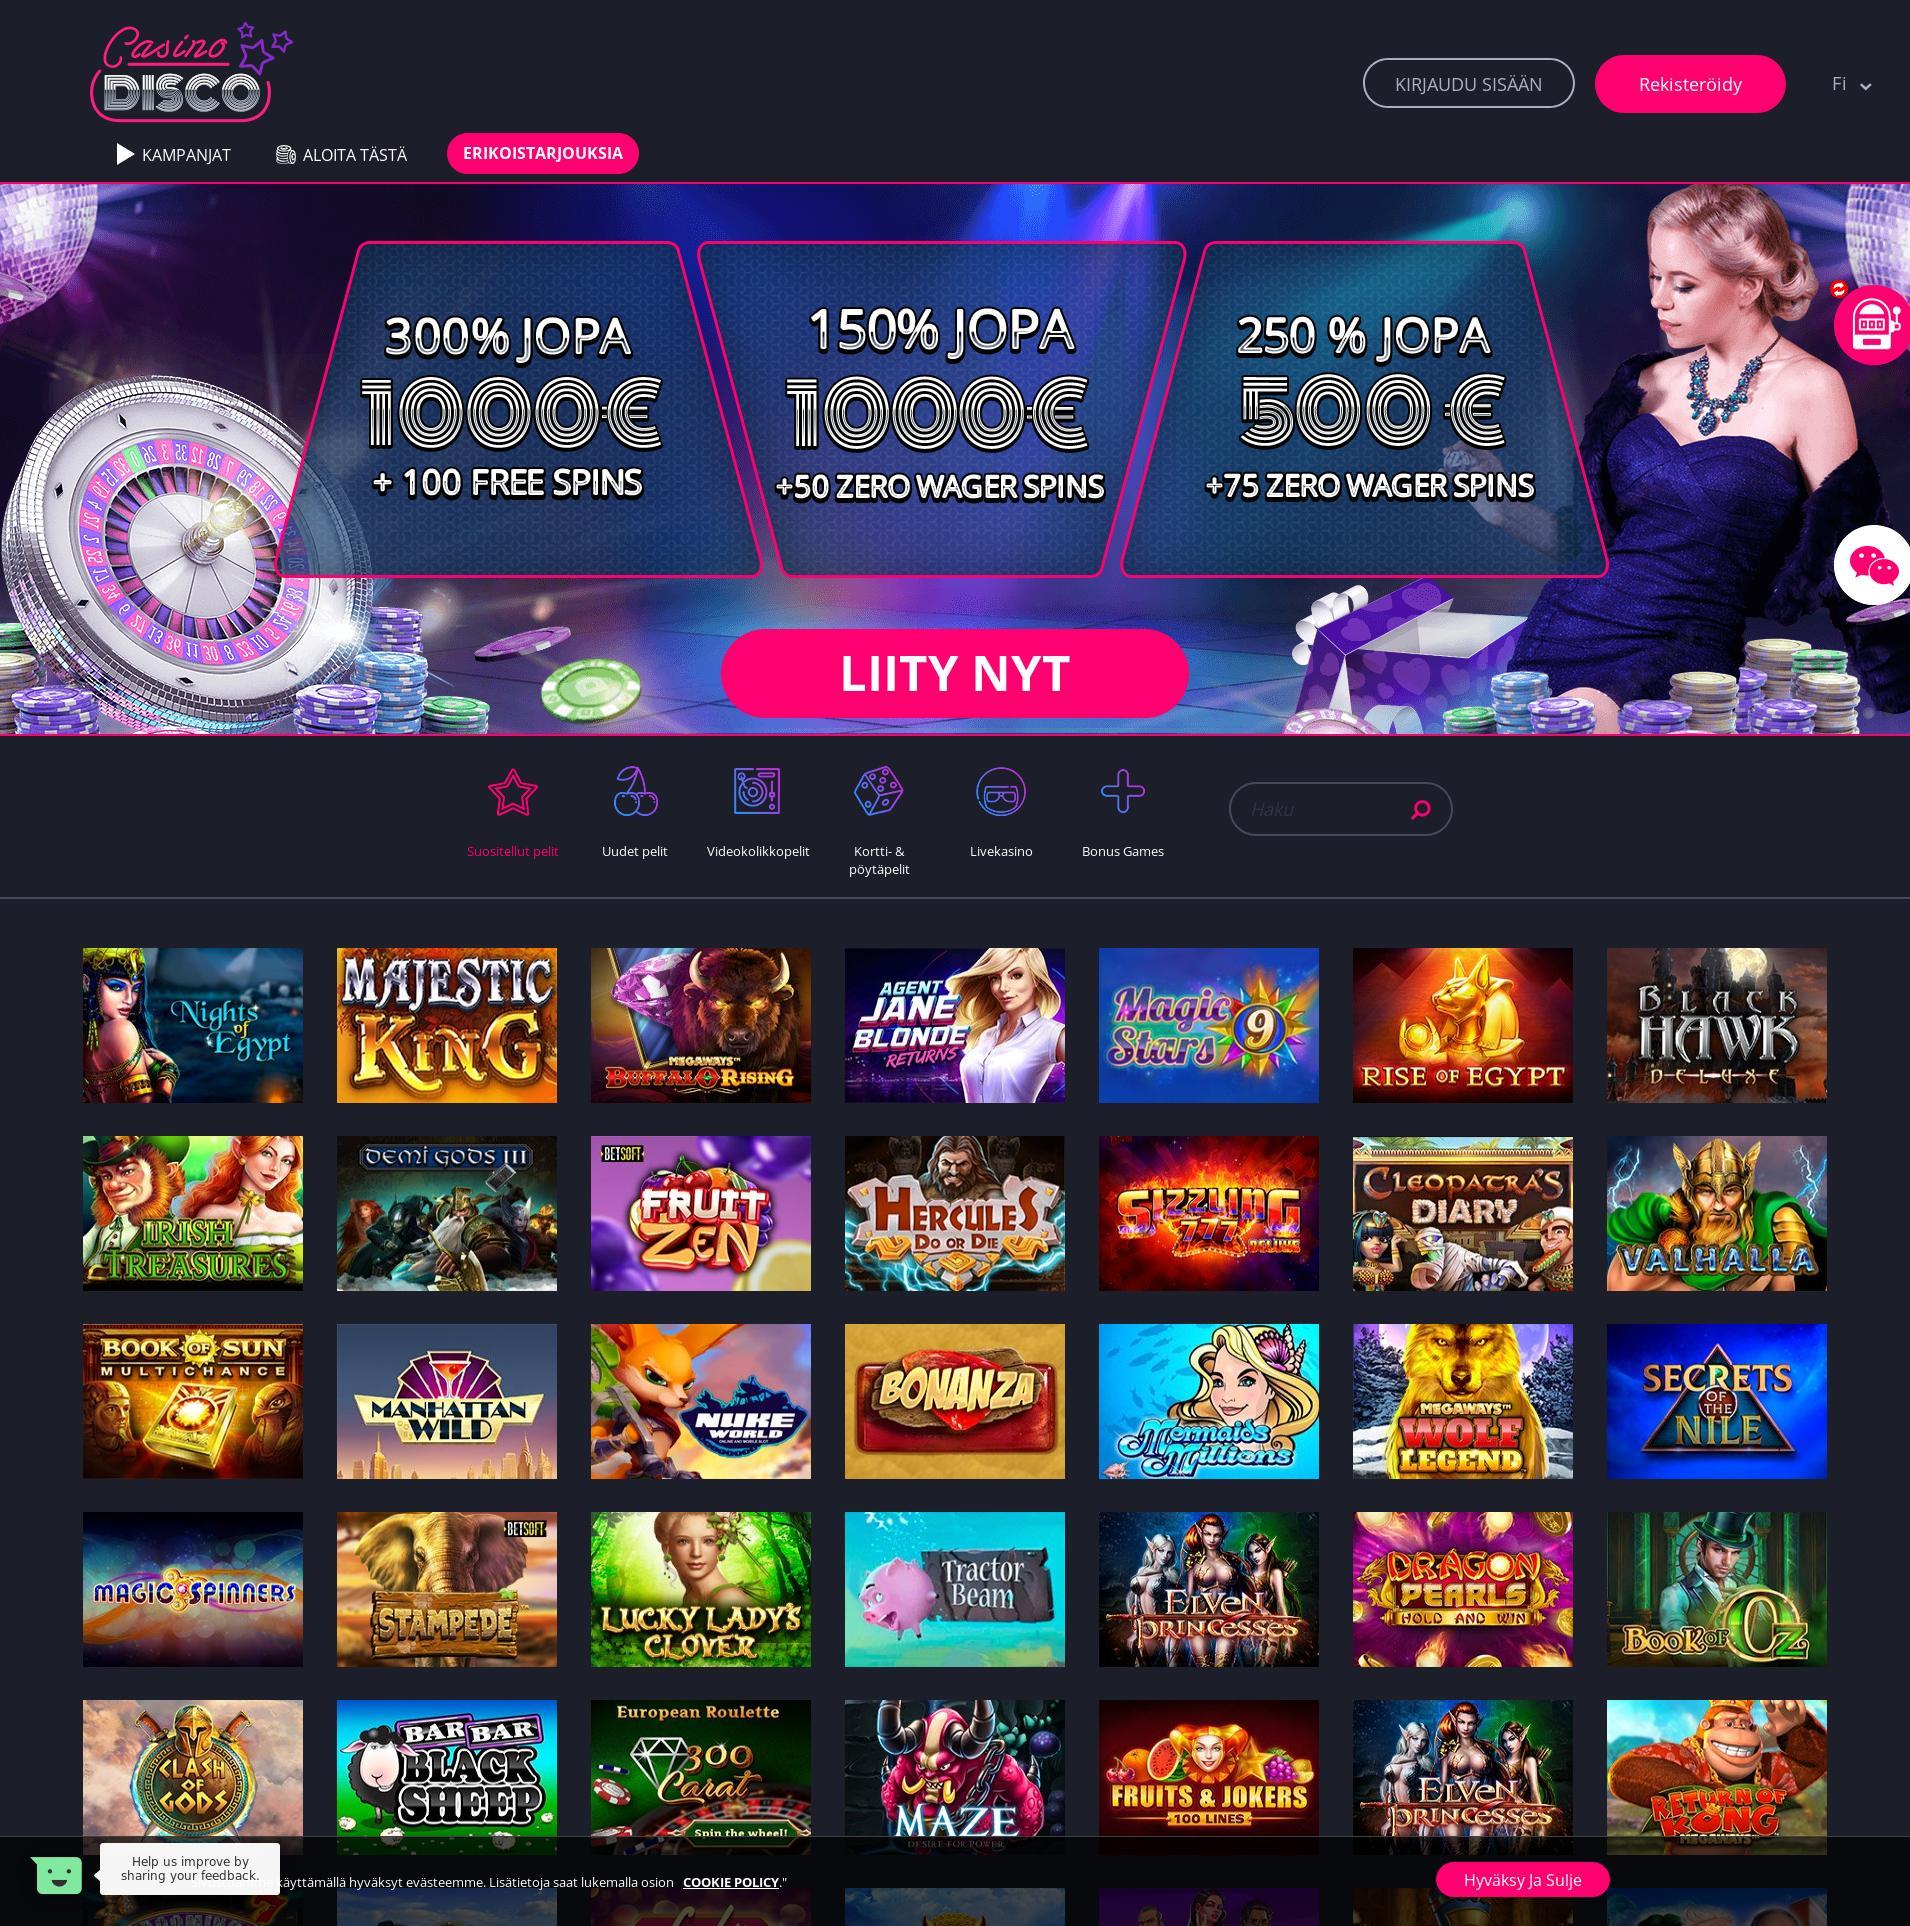 Jeux Disco Casino : quels sont les titres les mieux notés ?